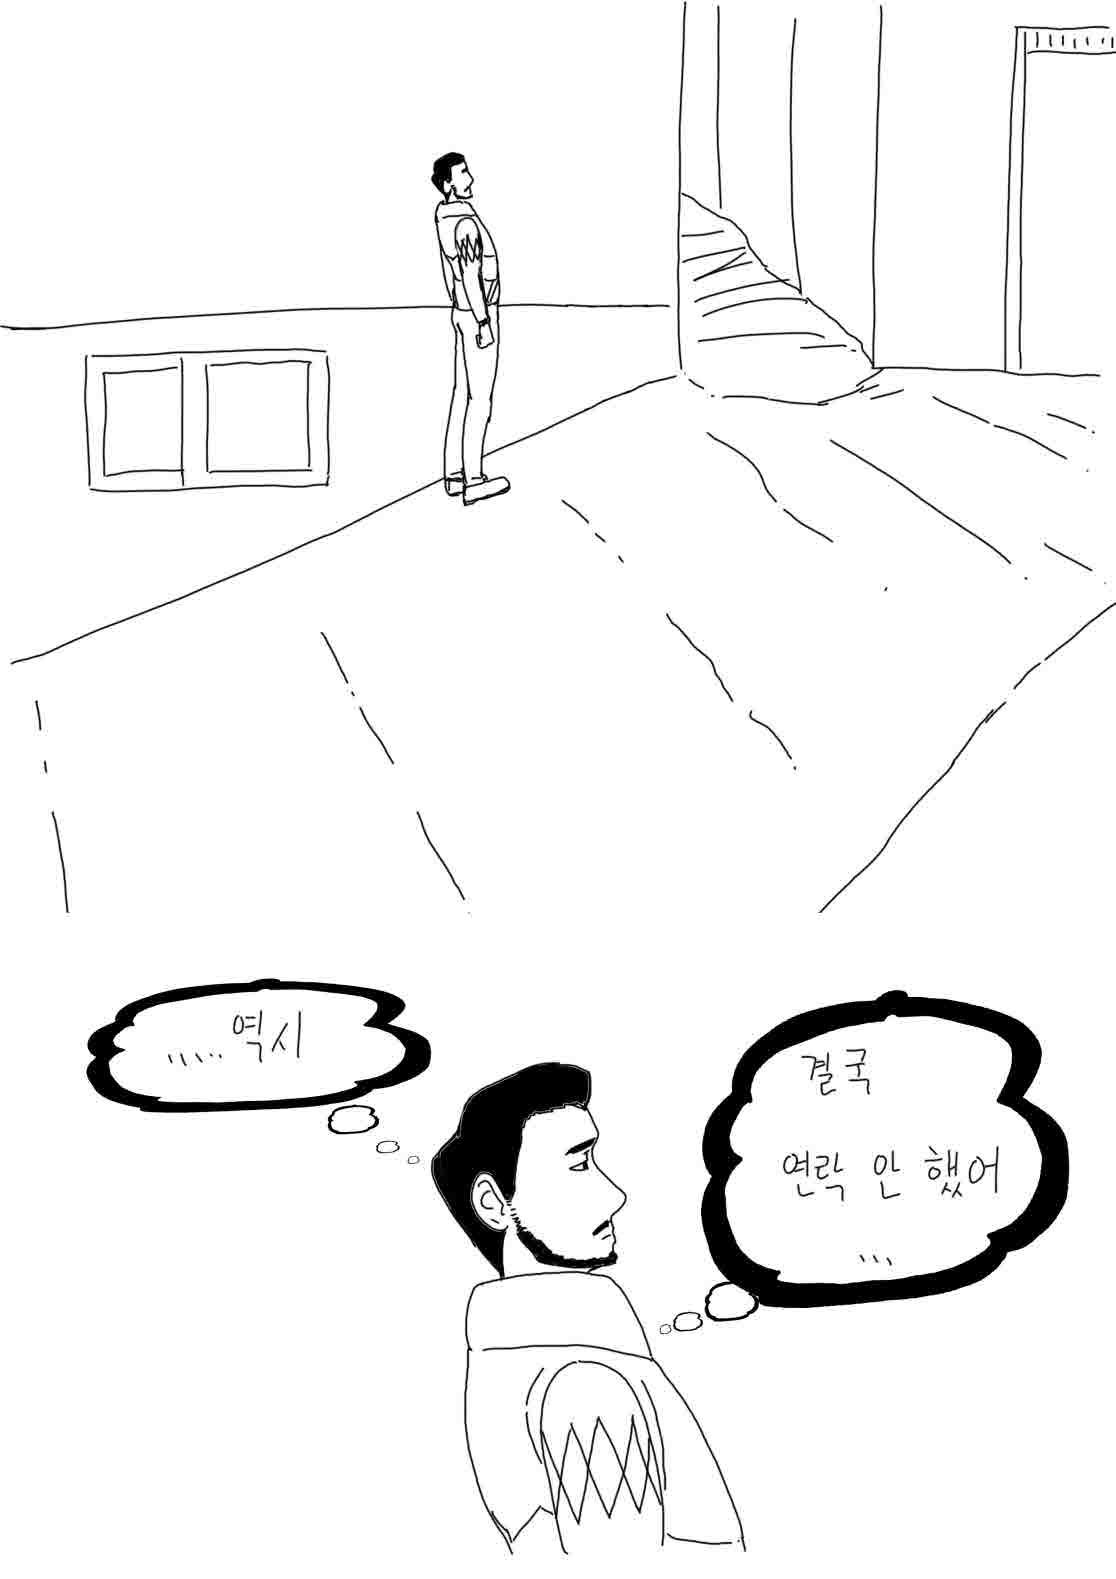 웹툰 끼와나의 썸네일